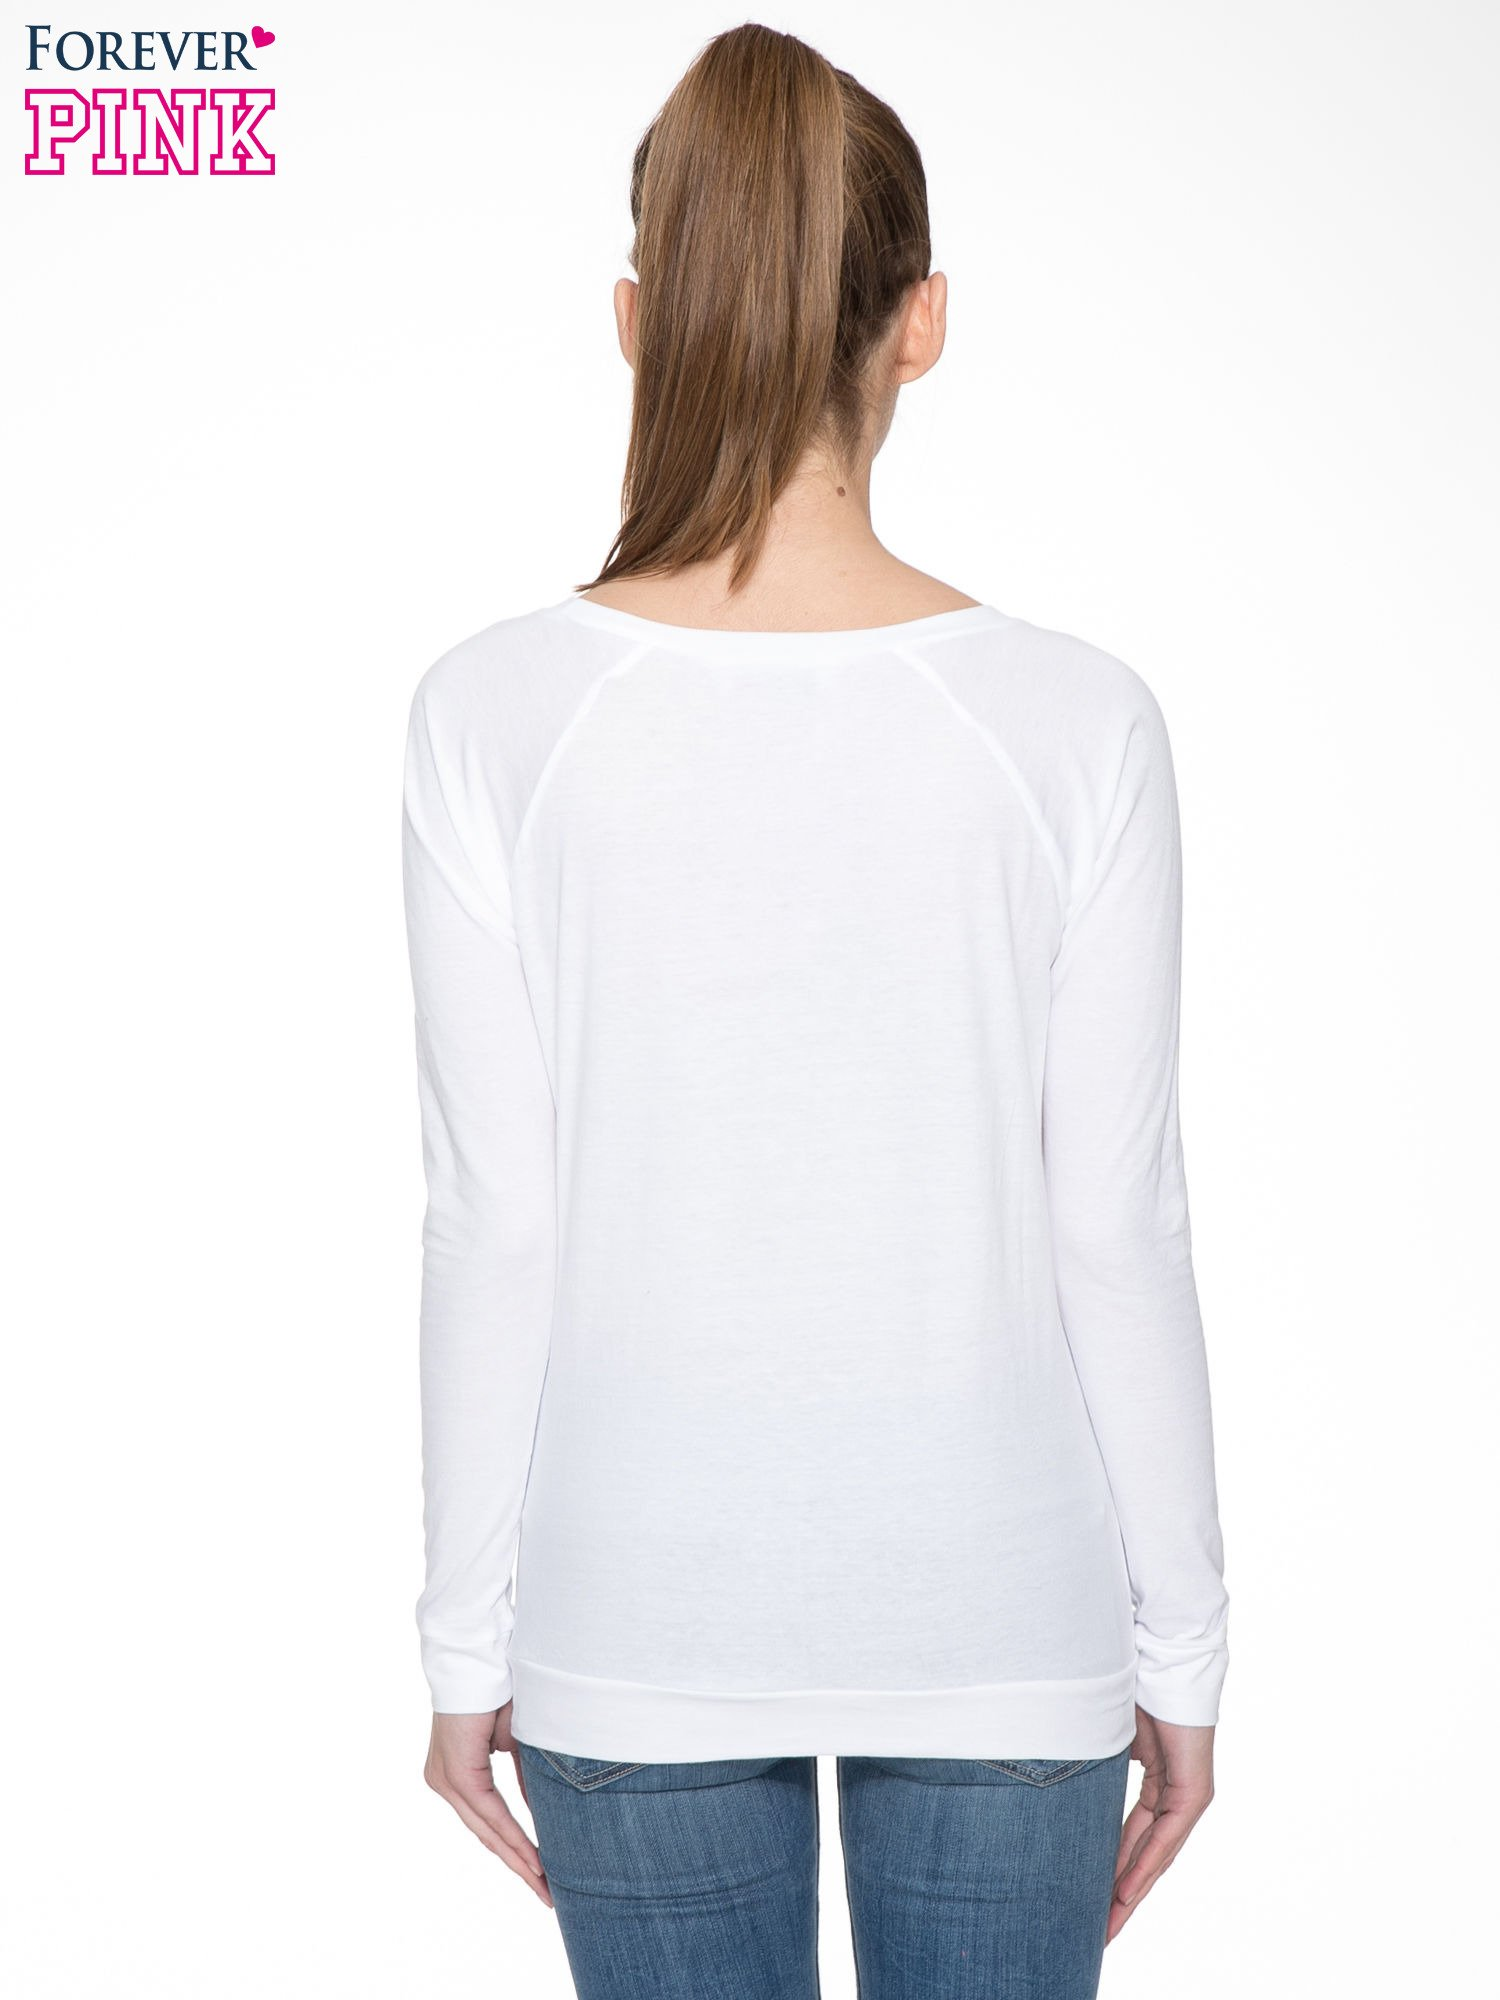 Biała bawełniana bluzka z rękawami typu reglan                                  zdj.                                  4